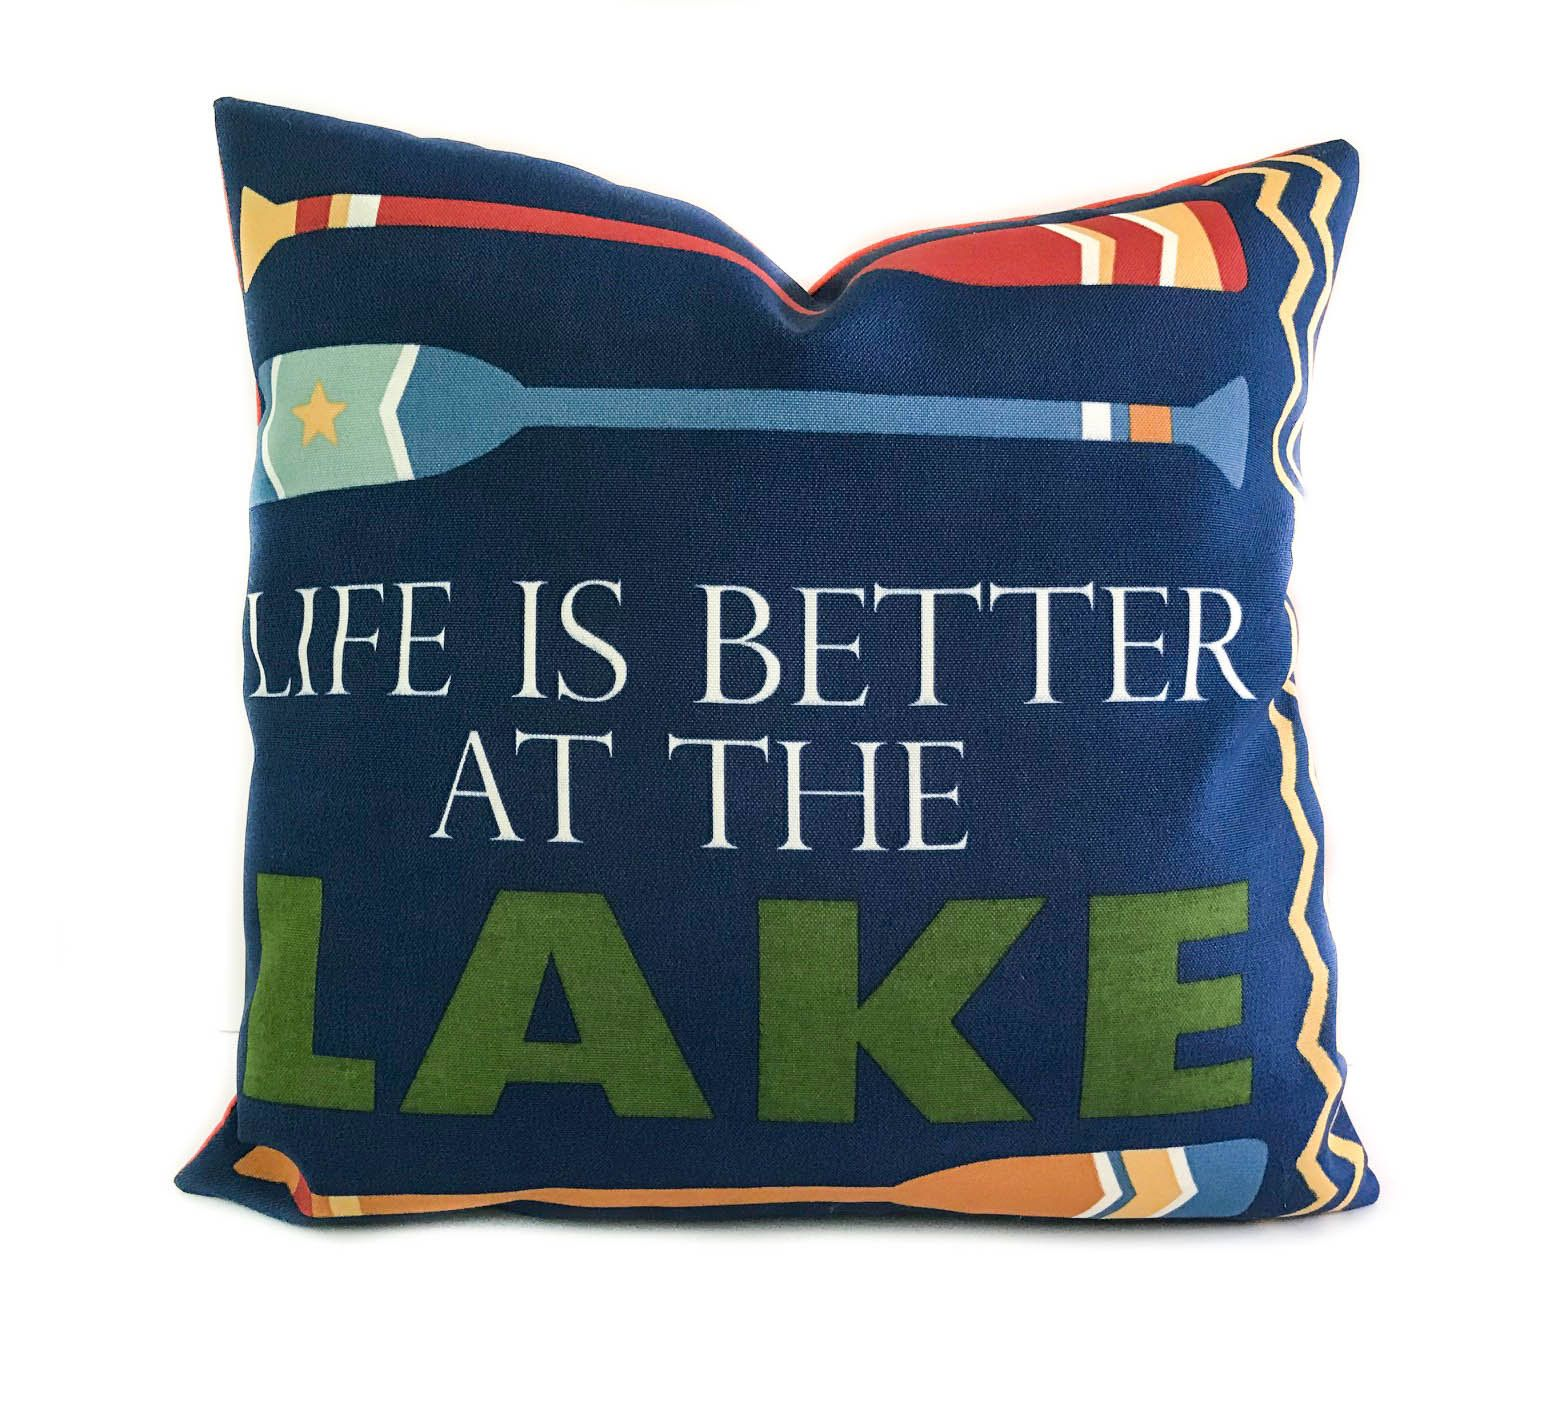 Lake Life Lumbar Throw Pillow Cover